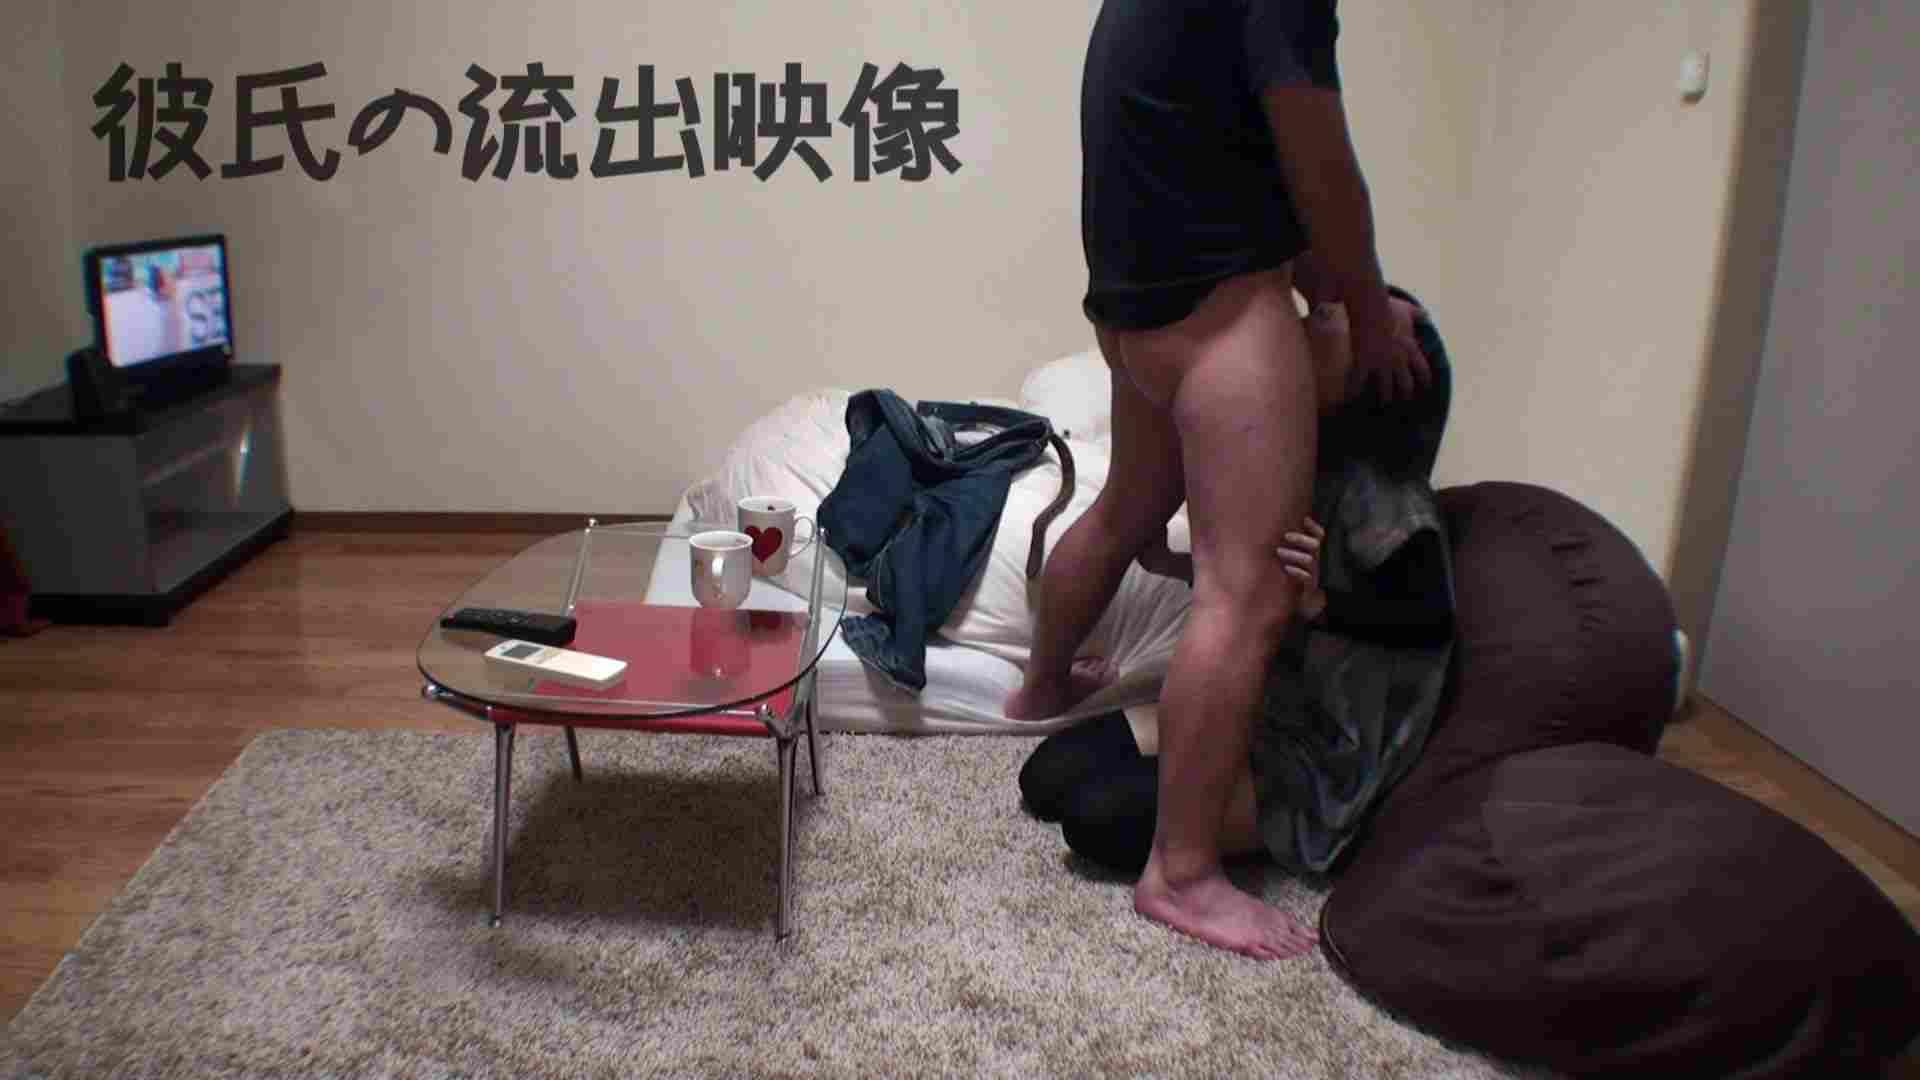 彼氏が流出 パイパン素人嬢のハメ撮り映像02 中出し ヌード画像 90連発 17